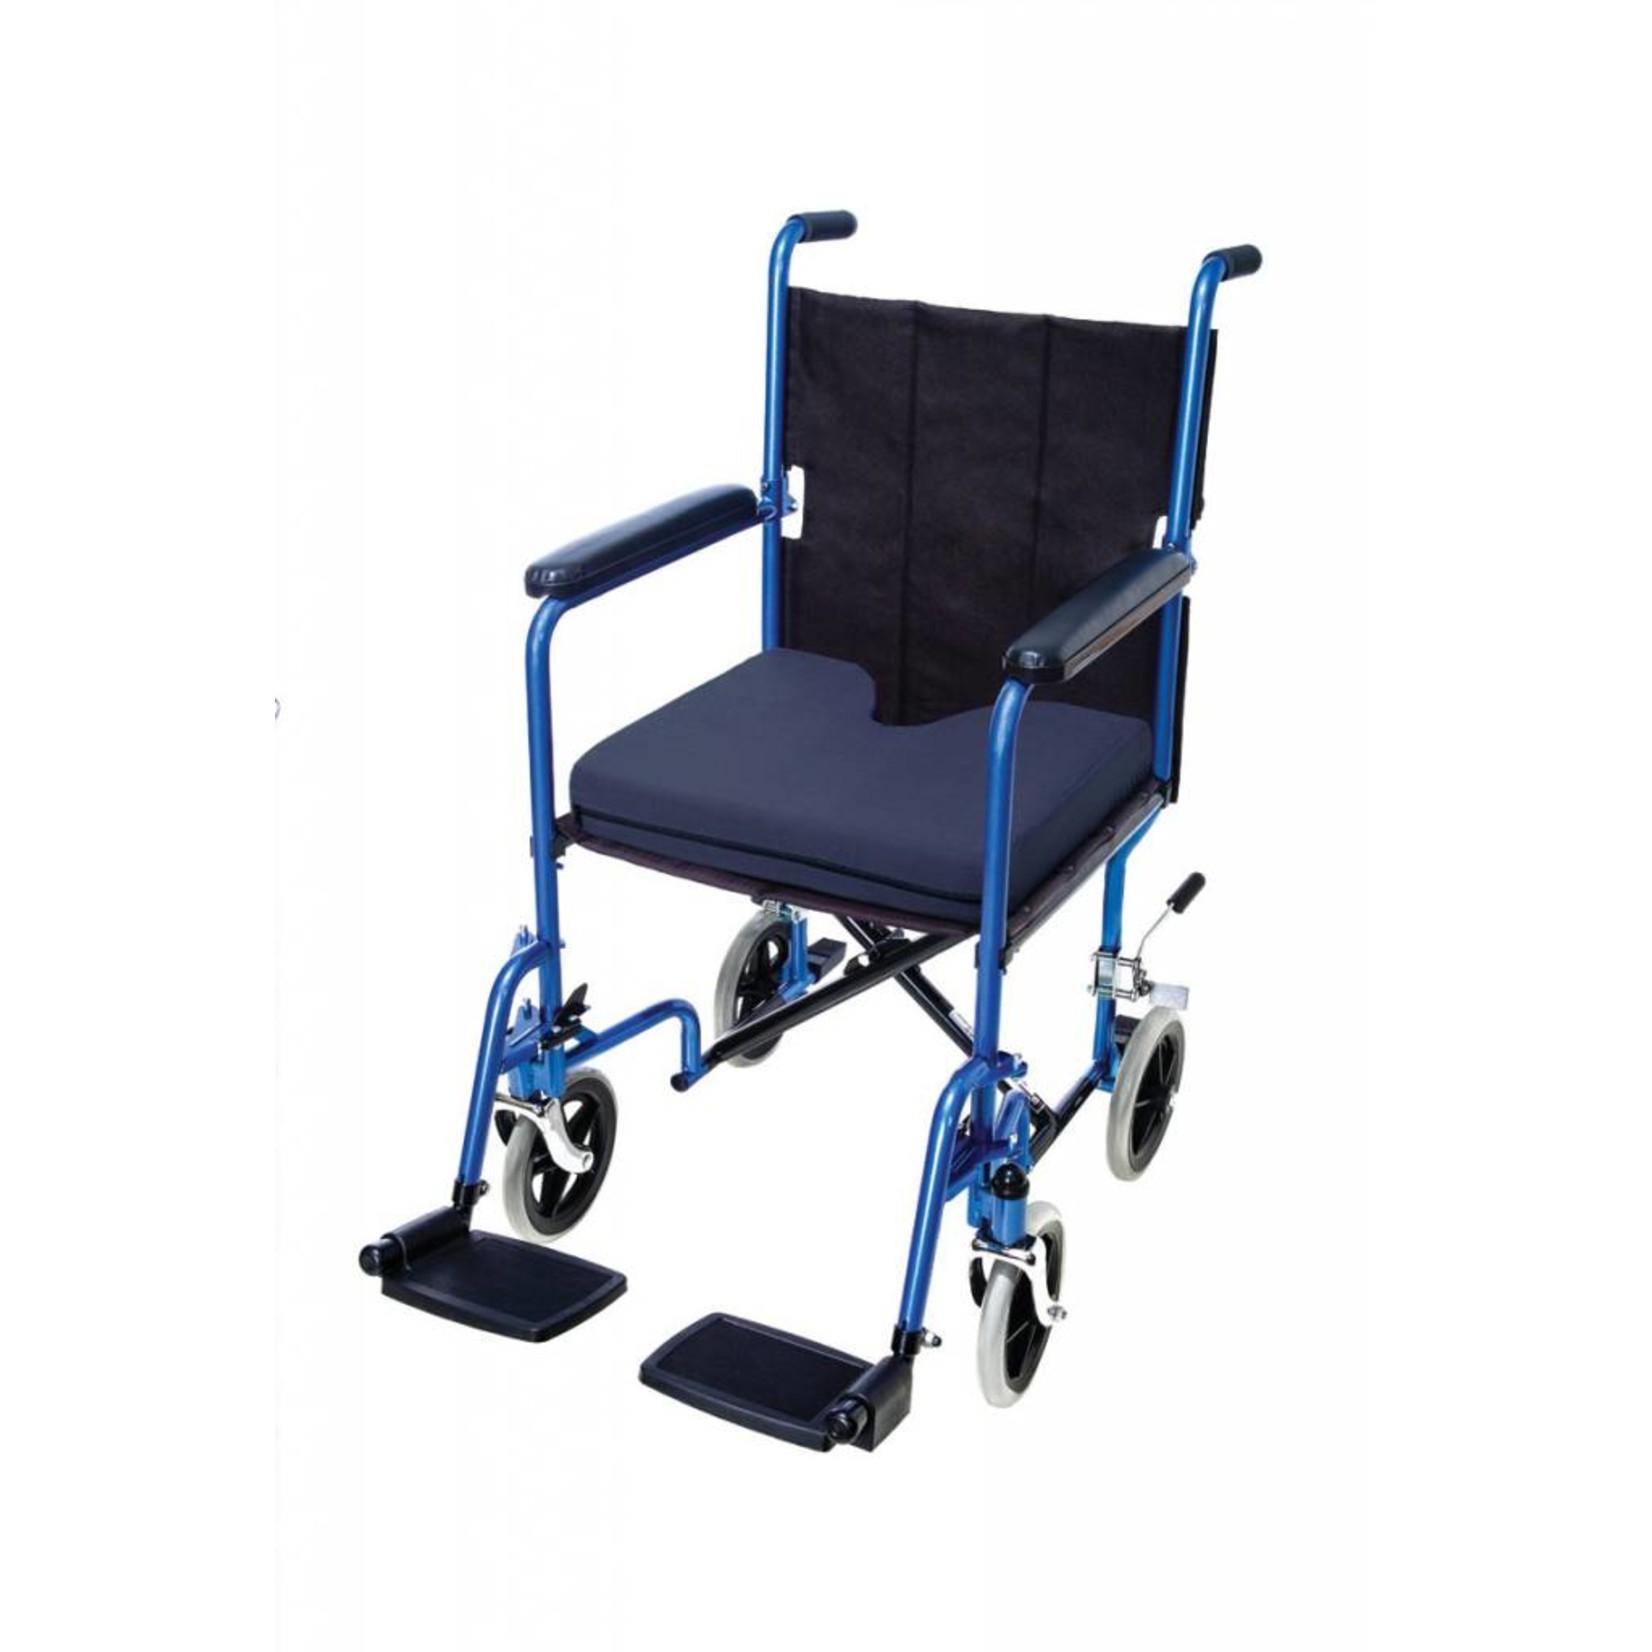 Essential Medical Coccyx Cushion 16x16x3